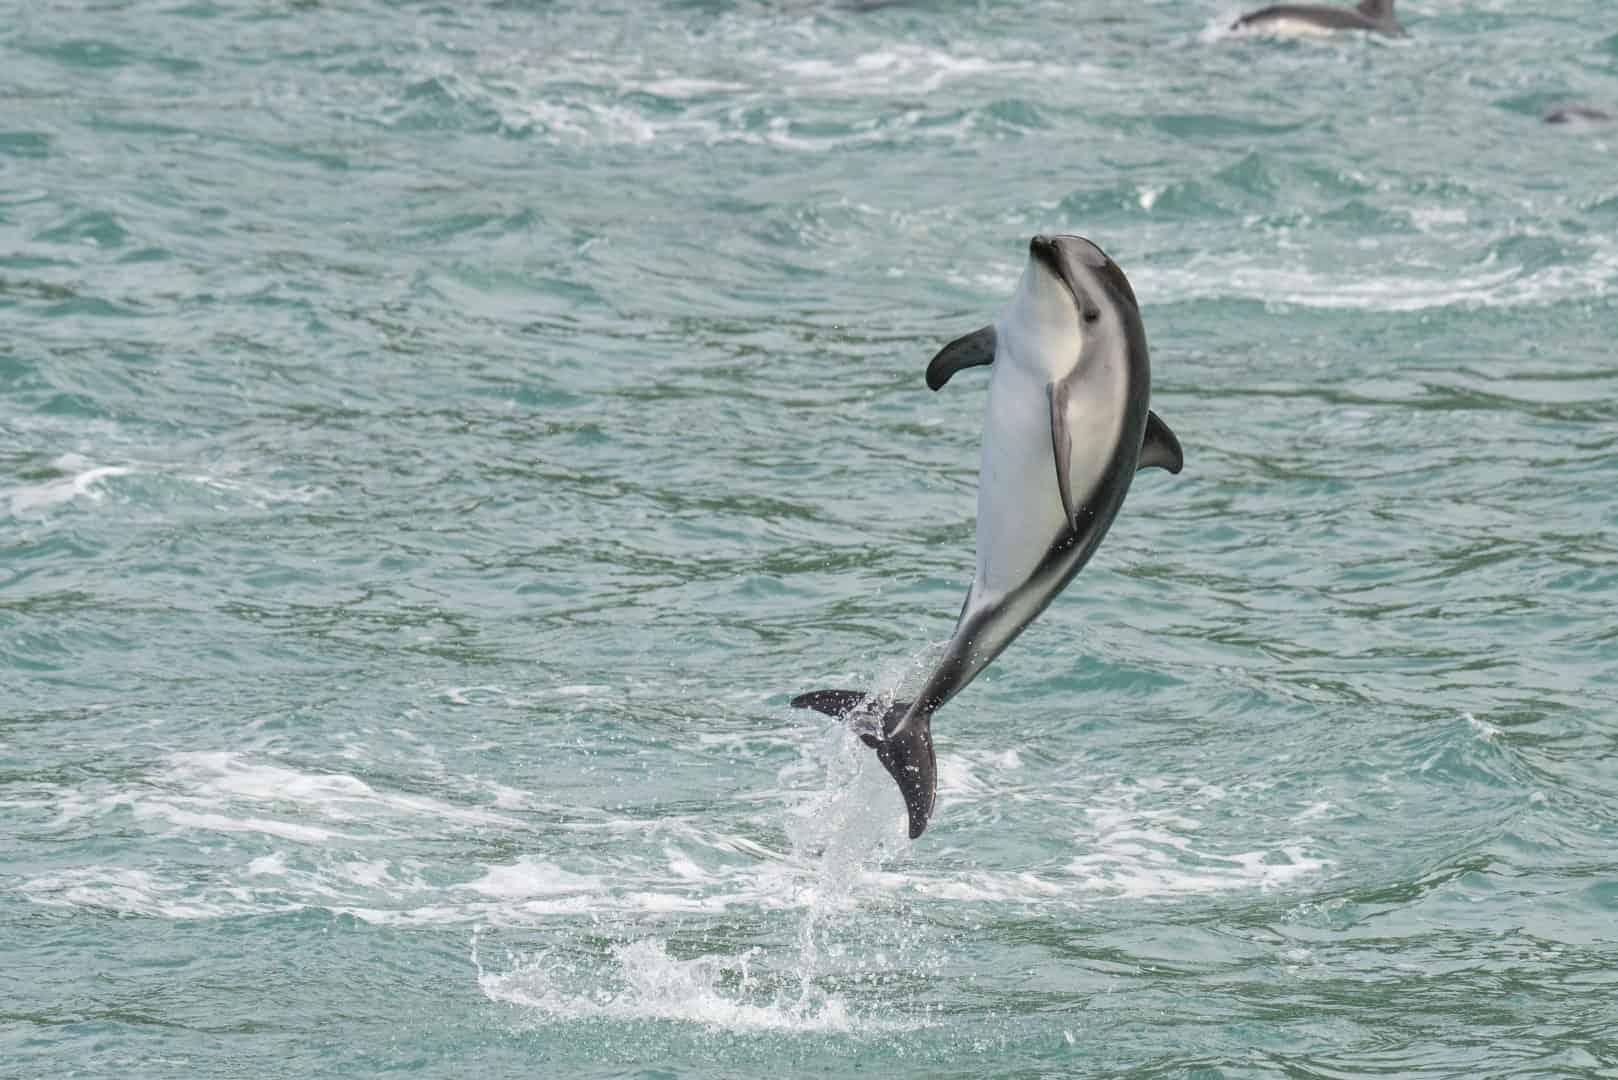 Fotograferen van een dolfijn die uit het water springt